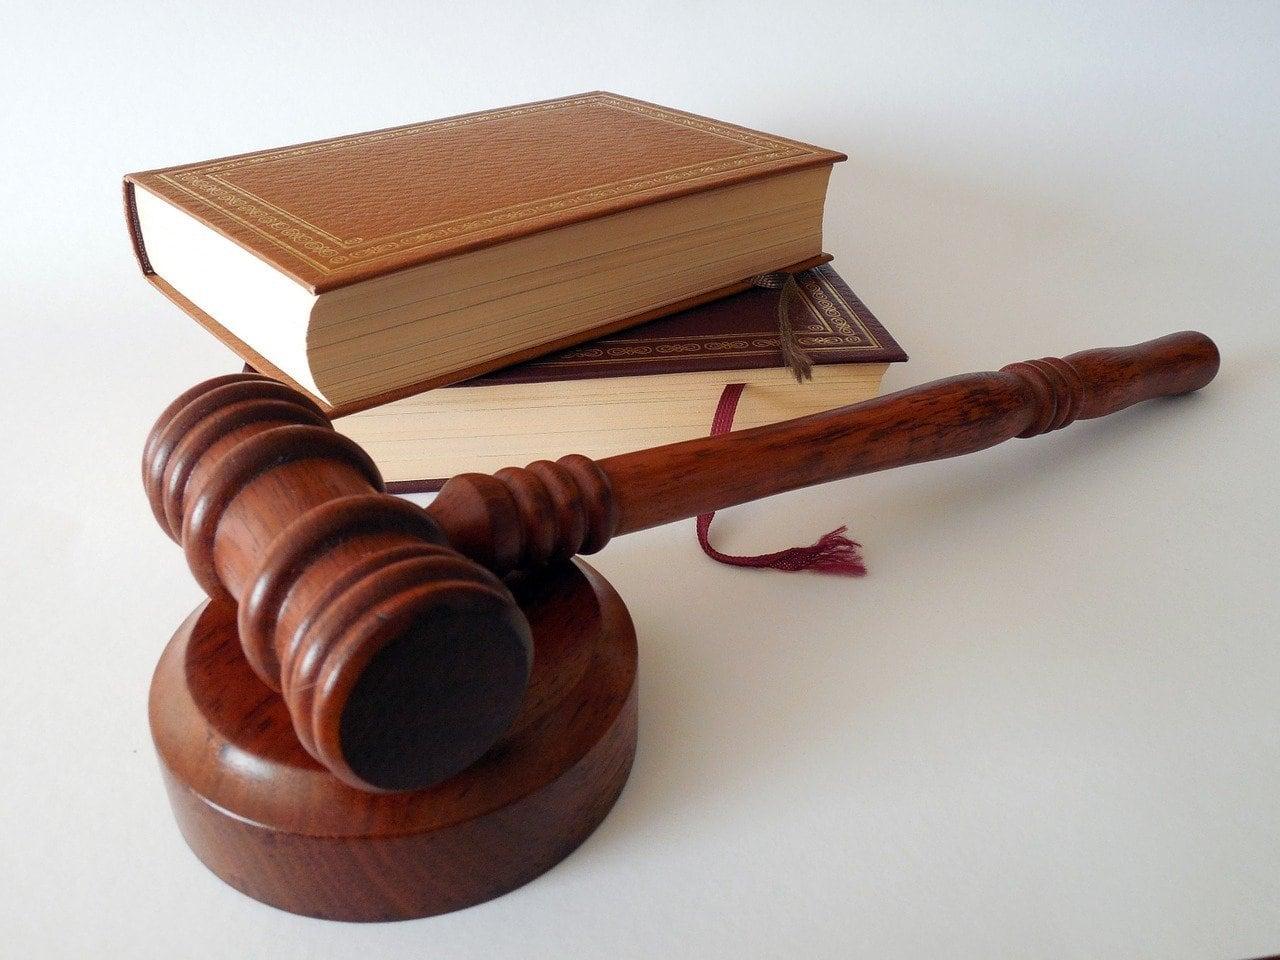 Hukum - Jurusan Favorit di UGM dan Paling Banyak Peminat Universitas Gadjah Mada